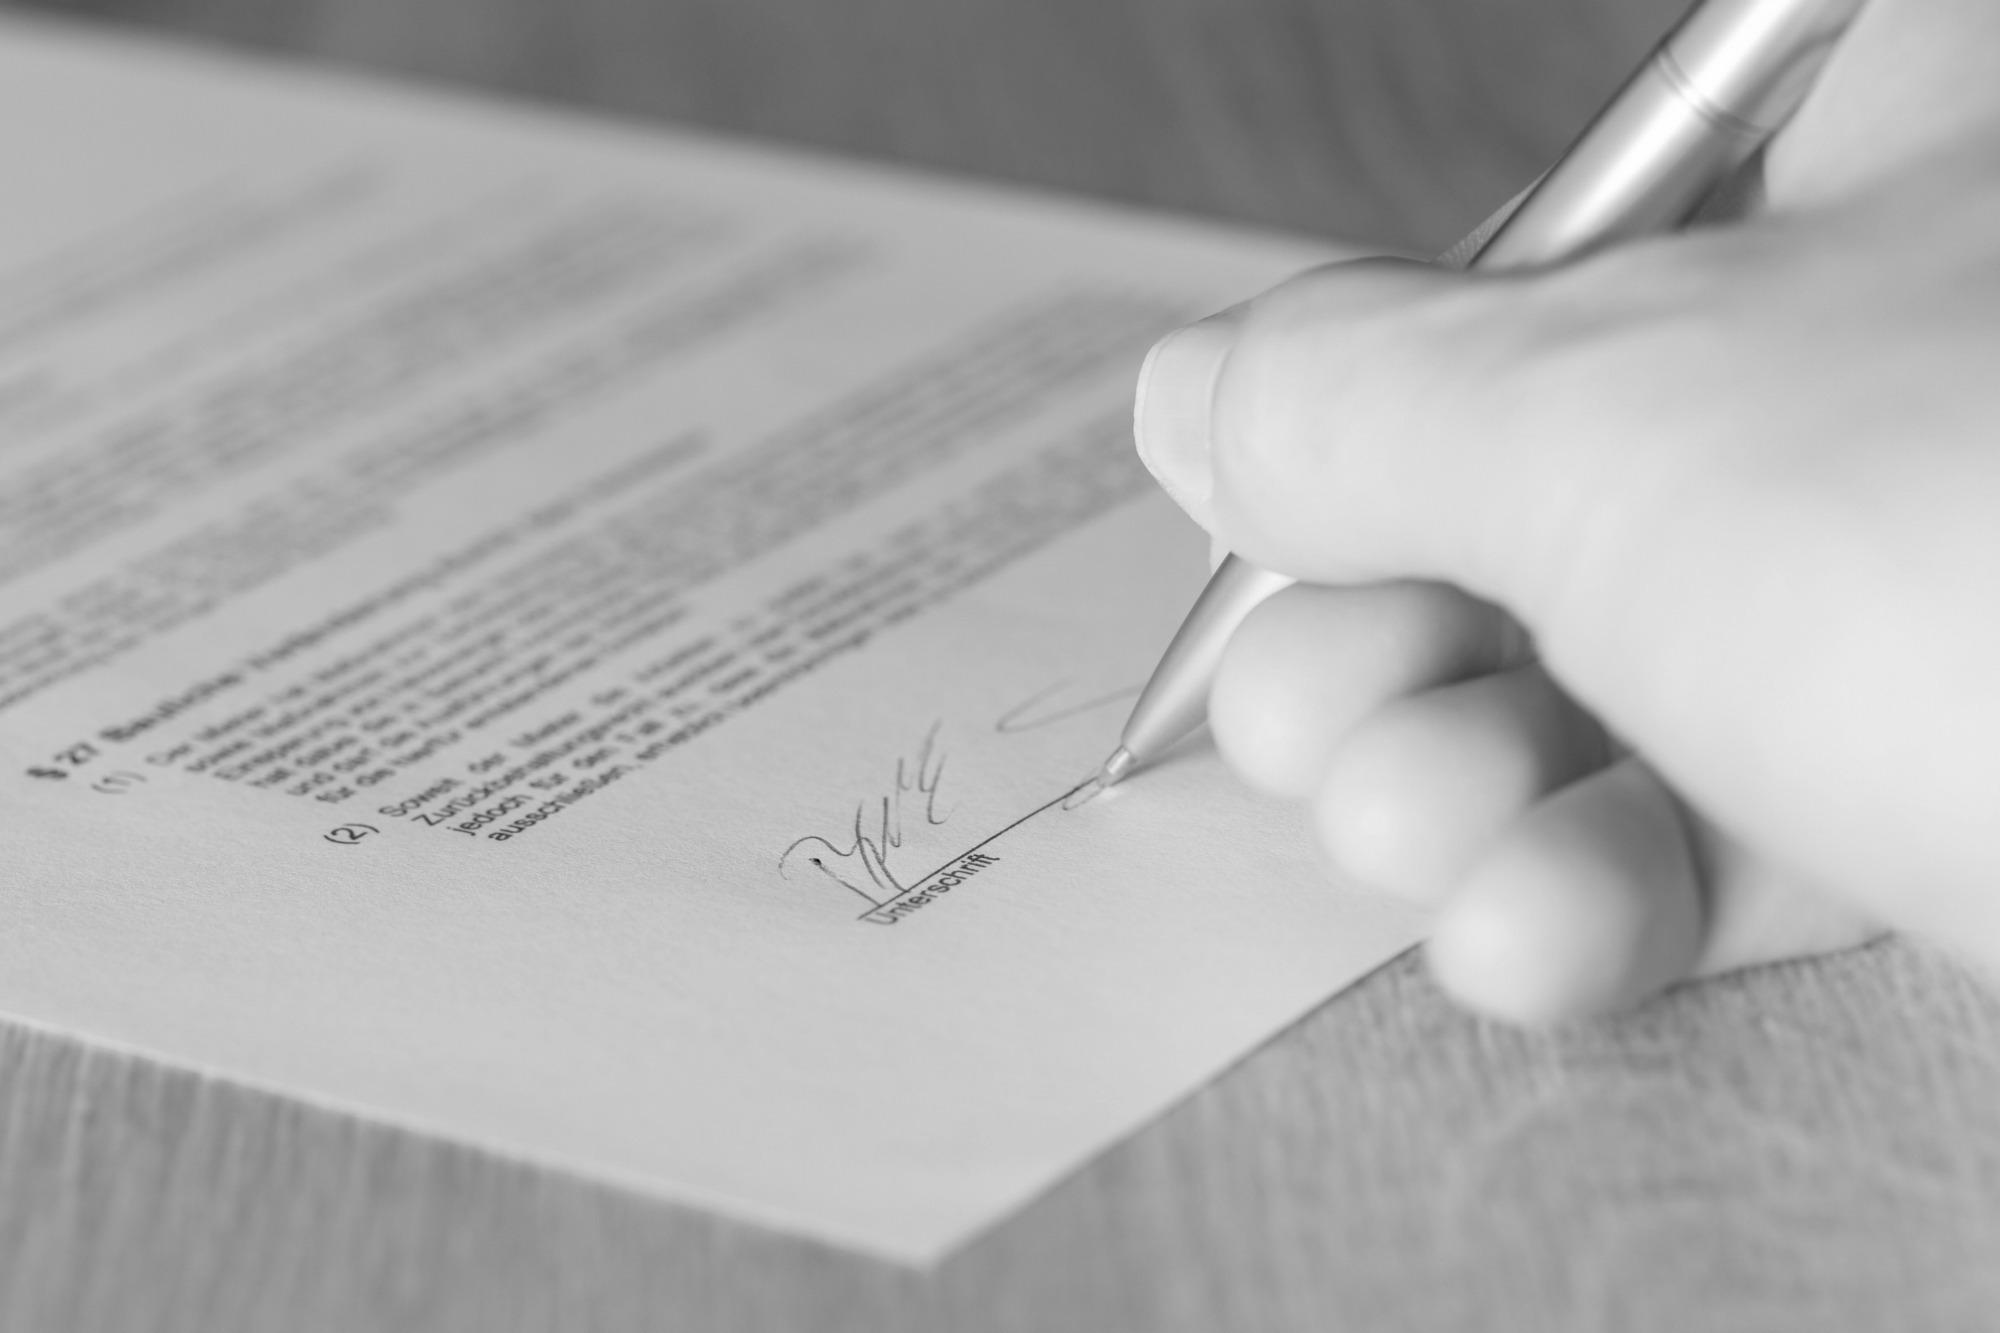 El Desistimiento Del Arrendatario En El Contrato De Arrendamiento.